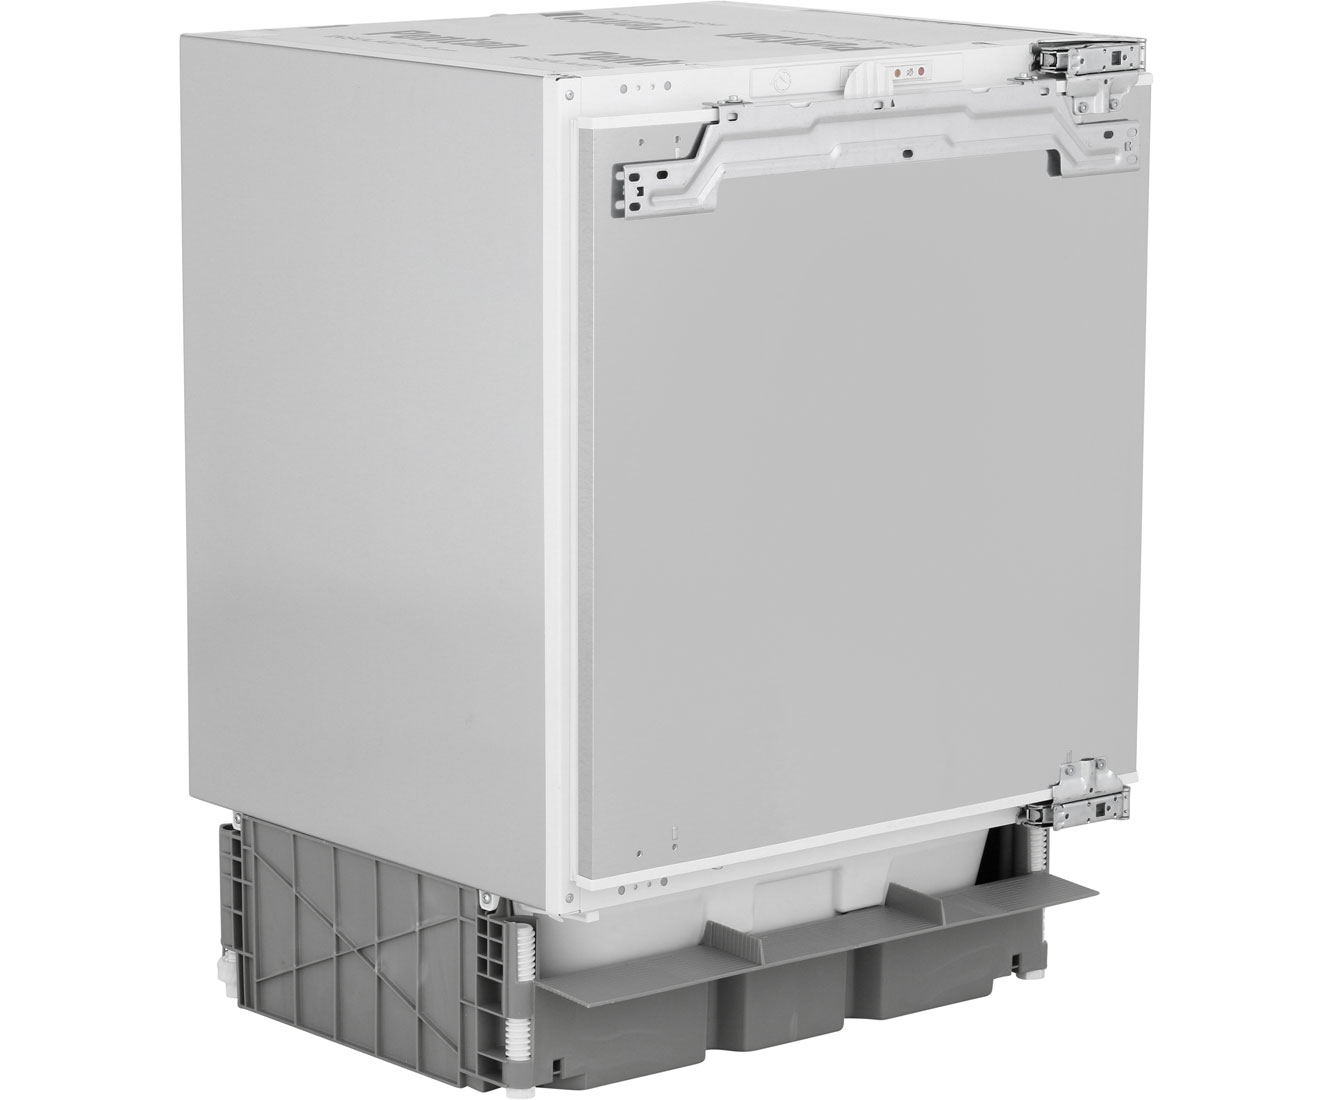 Siemens Kühlschrank Mit Schubladen : Unterbau kühlschrank mit schubladen siemens u nur eine weitere